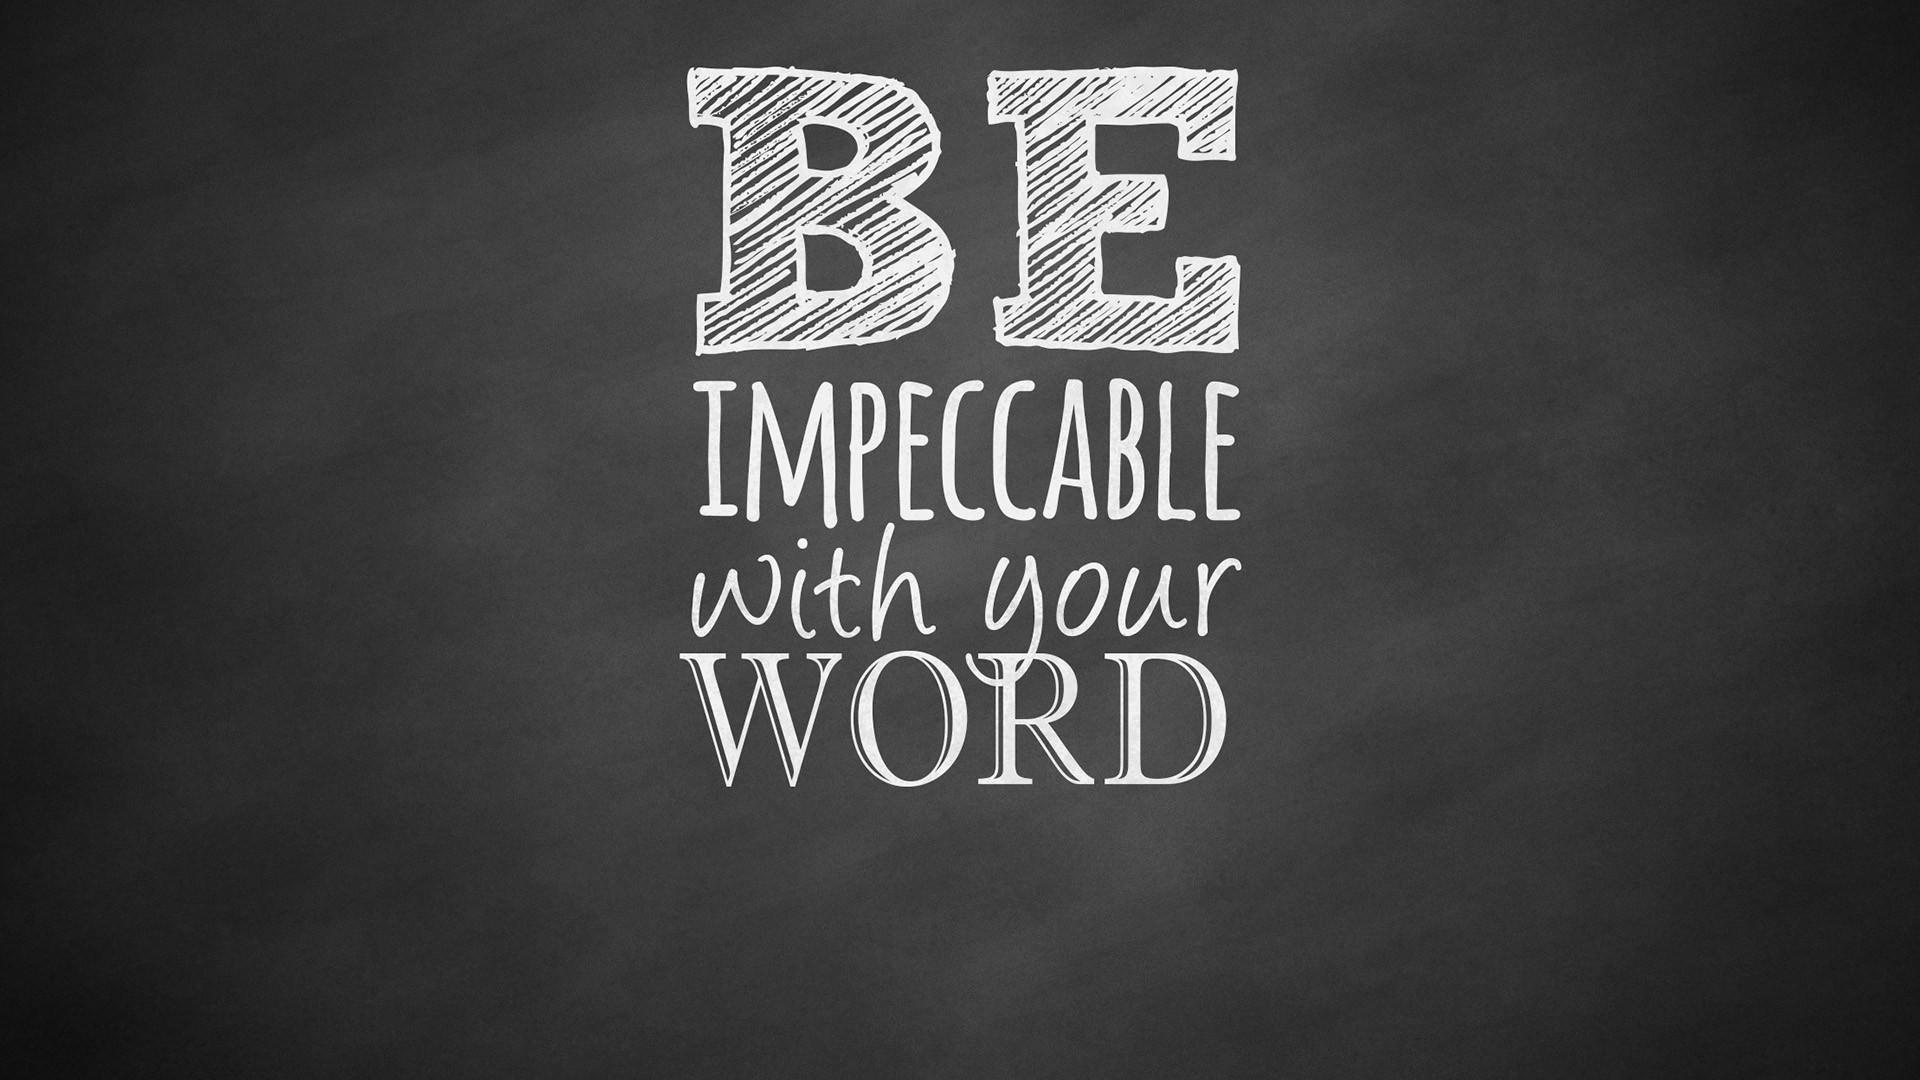 With Words Desktop Wallpaper